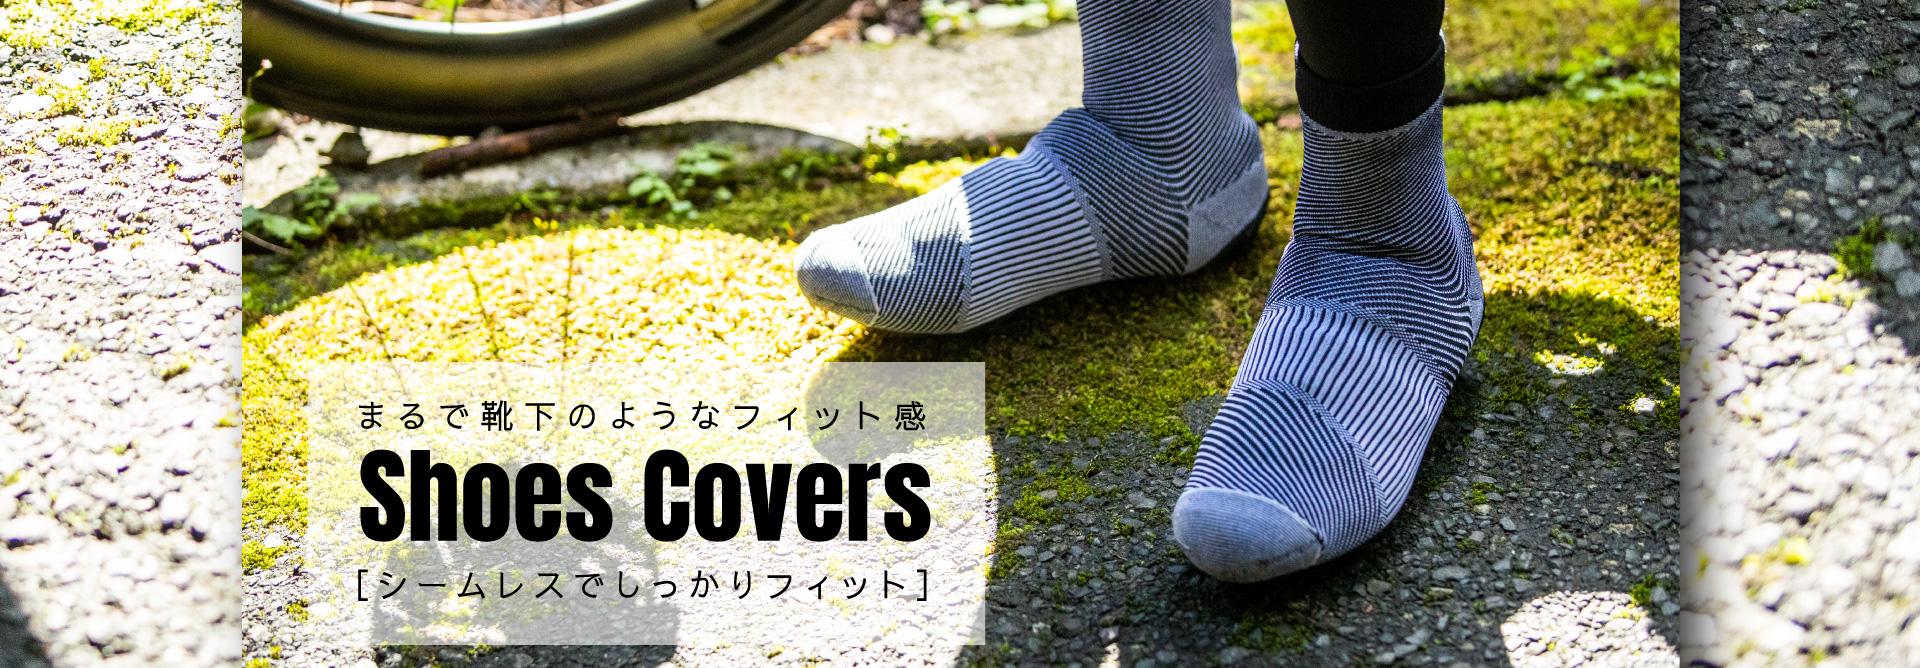 まるで靴下のようなフィット感 -Shoes Covers-